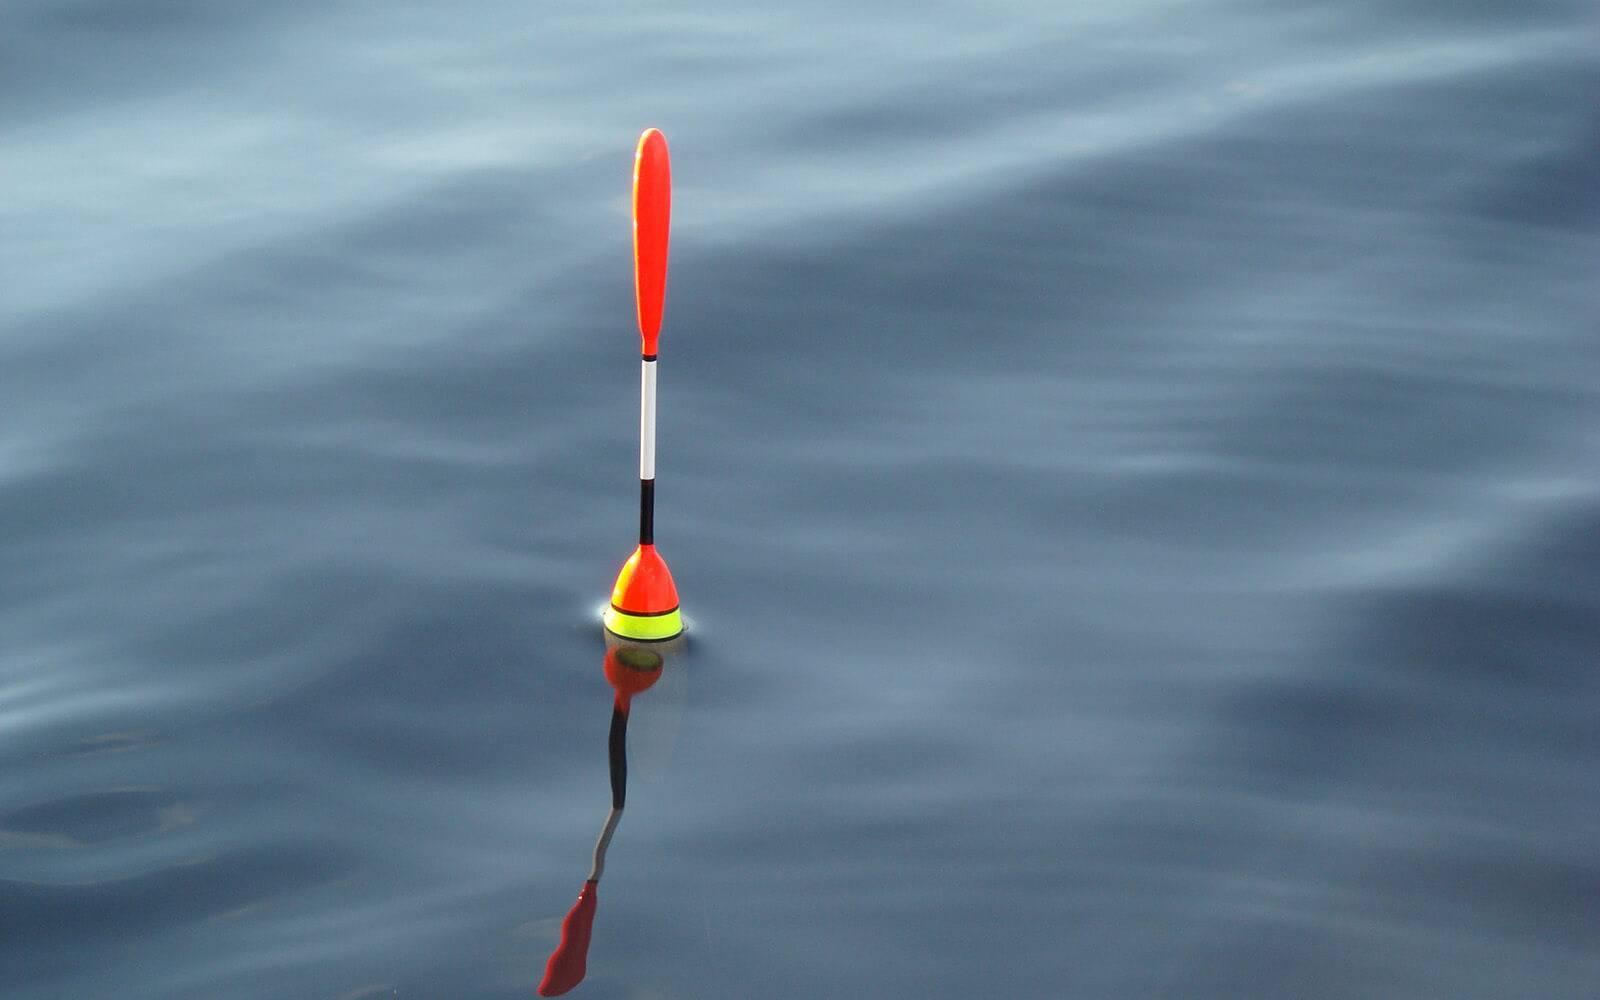 Ловля на поплавочную удочку – рыбалка на поплавок весной, летом и осенью